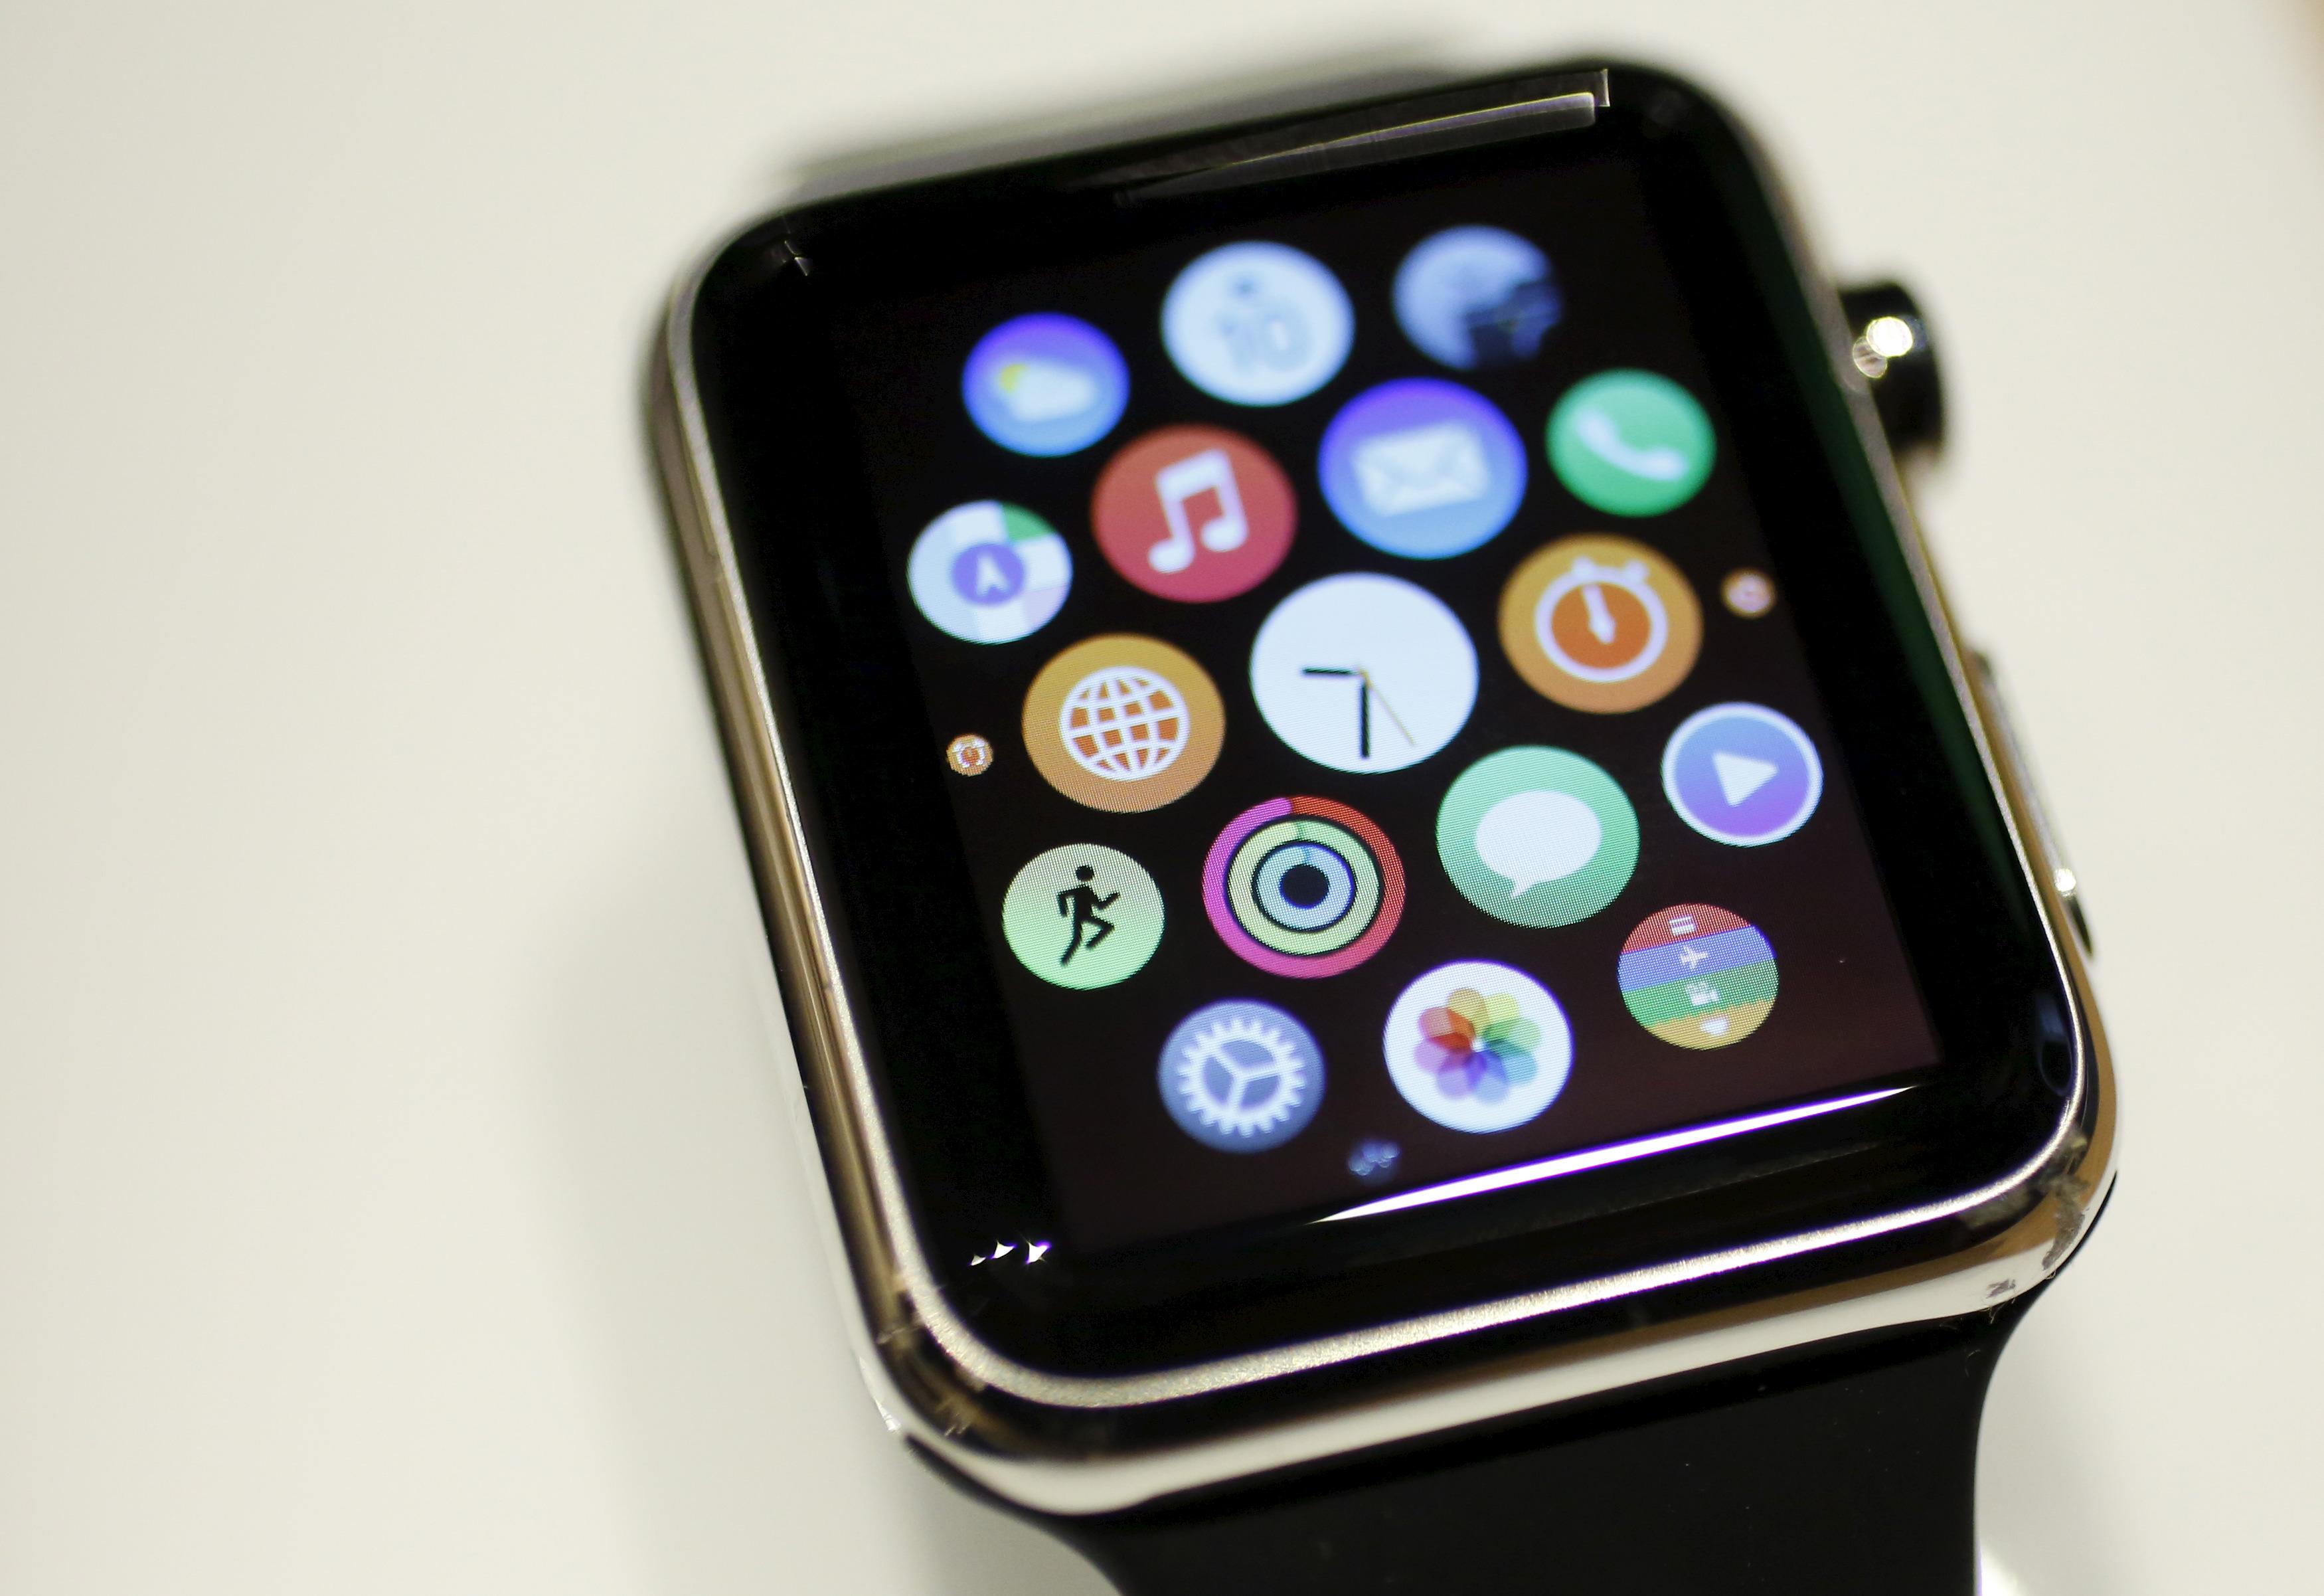 An Apple Watch is displayed at 'Apple Watch at Isetan Shinjuku' inside Isetan Shinjuku department store in Tokyo